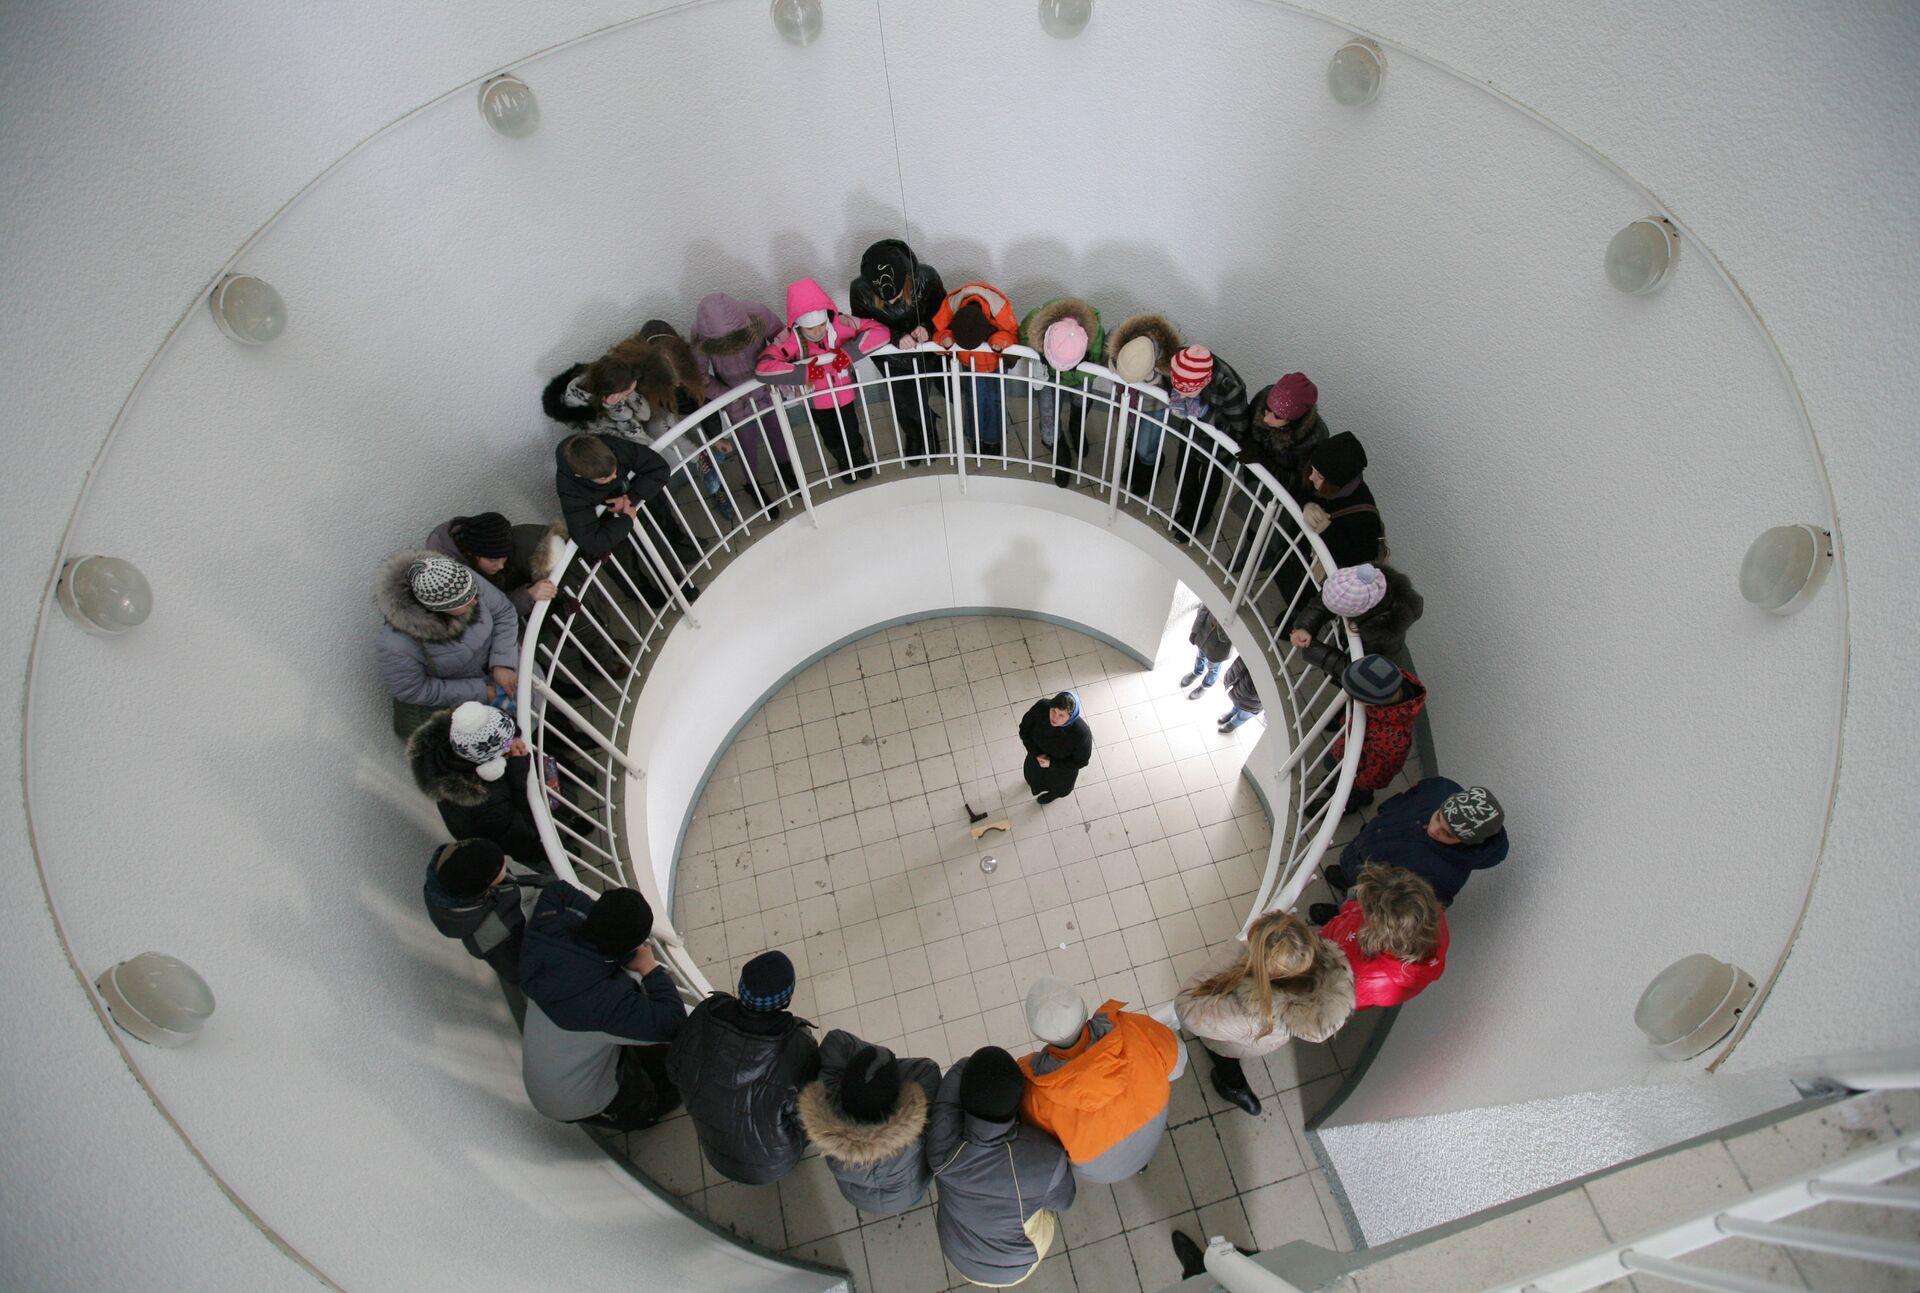 Школьники в башне Фуко во время экскурсии в детско-юношеском центре Планетарий в Новосибирске. - РИА Новости, 1920, 11.08.2021